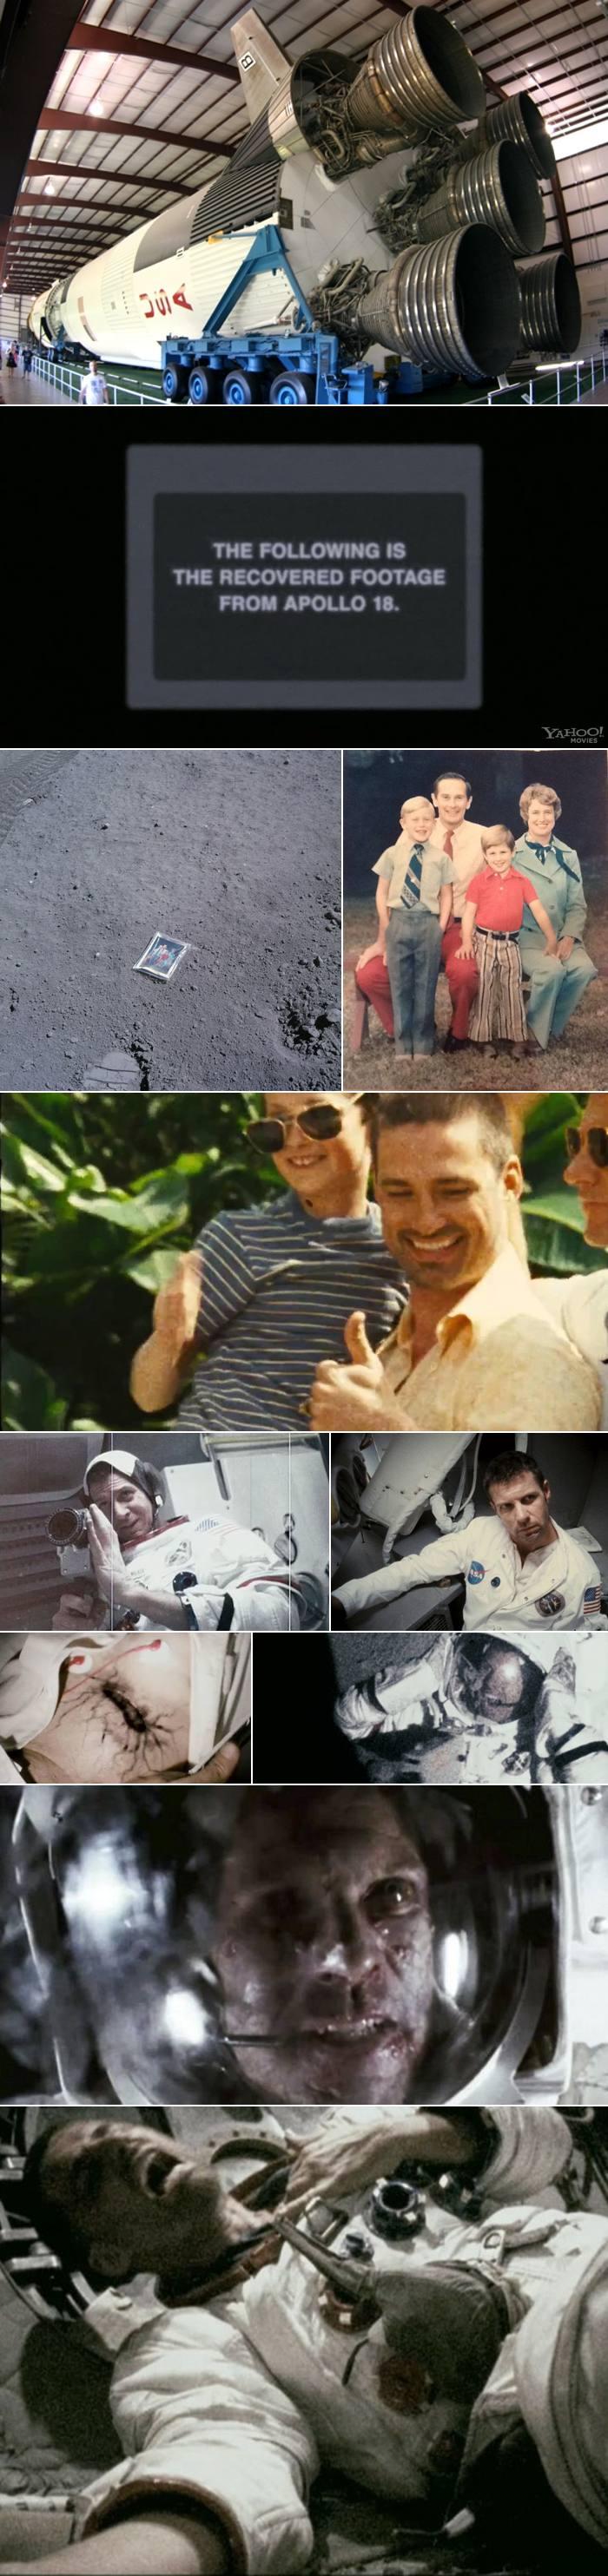 Apollo 18 Movie Stills